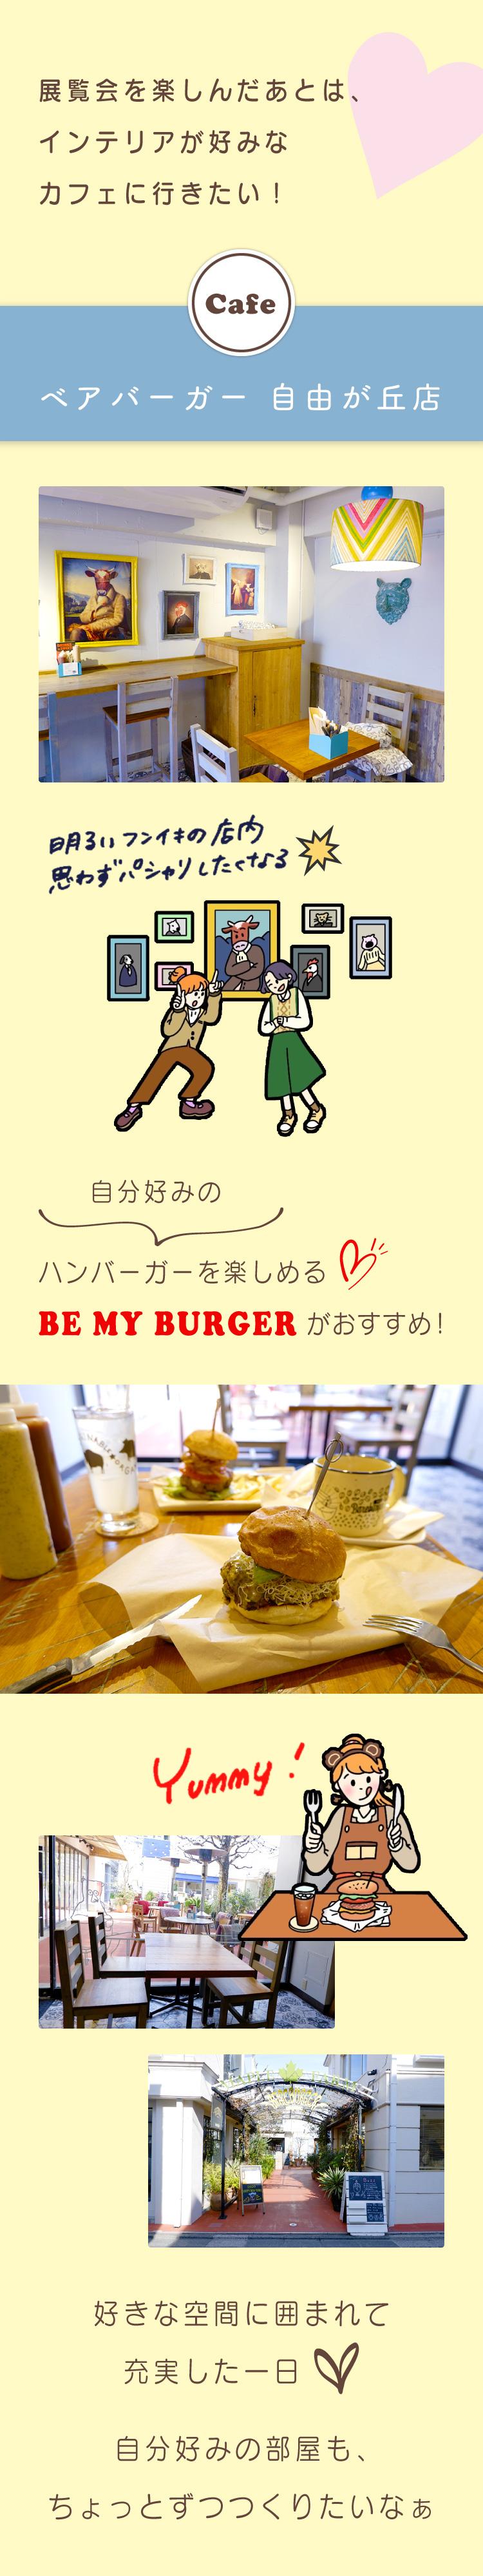 ベアバーガー自由が丘店 美味しい ハンバーガー 自由が丘 おしゃれ カフェ ビーガン レストラン